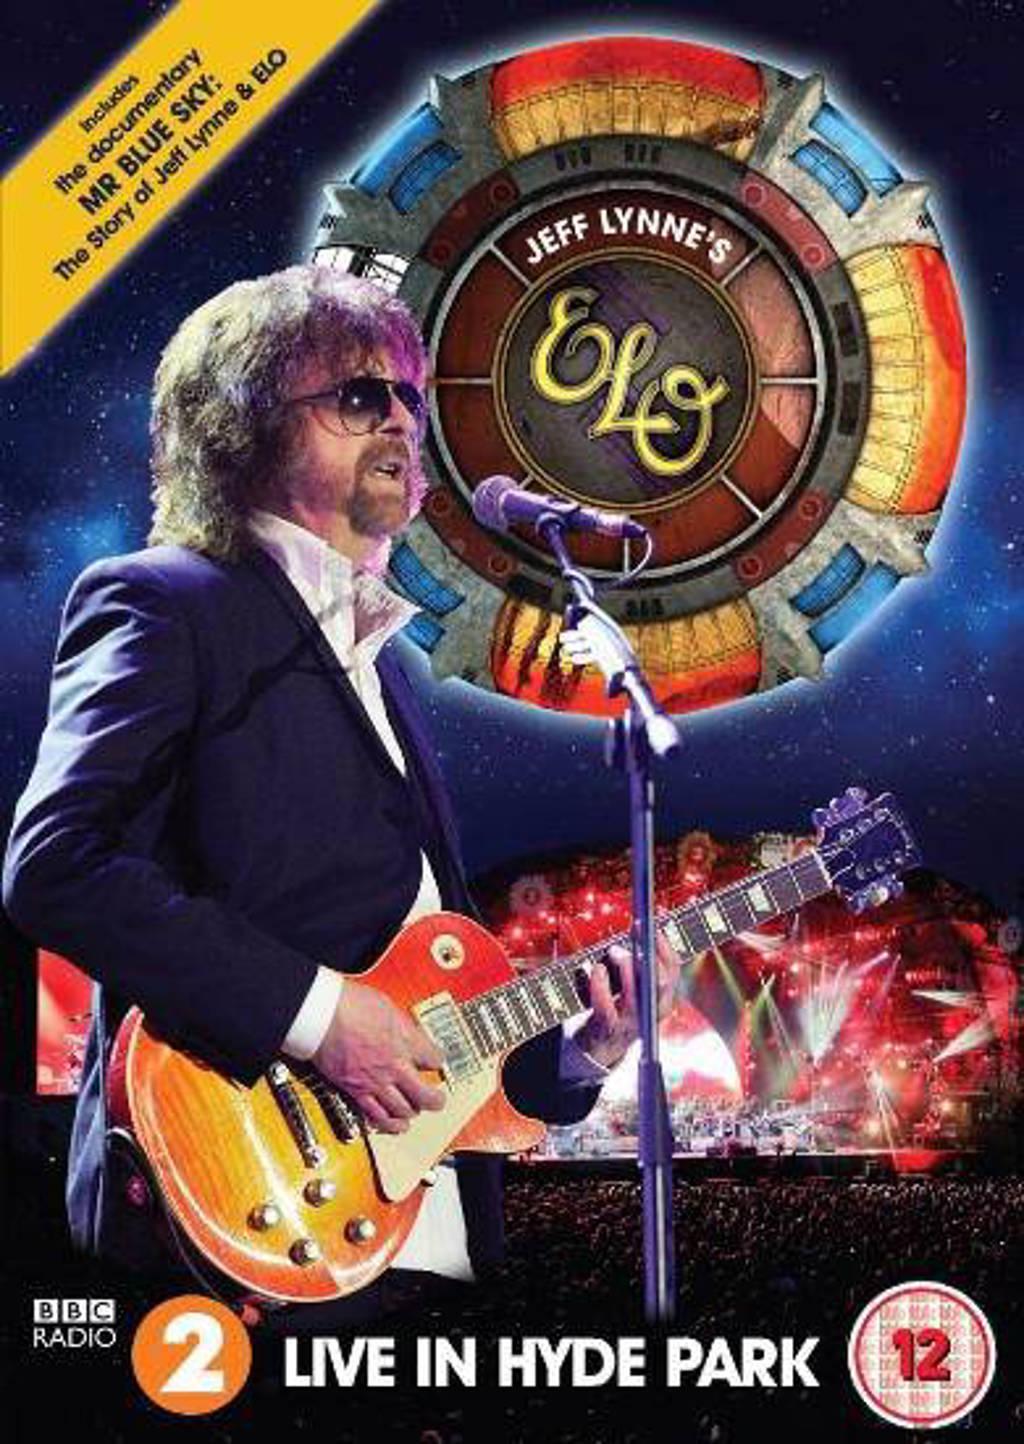 Jeff Lynnes Elo - Live In Hyde Park 2014 (DVD)